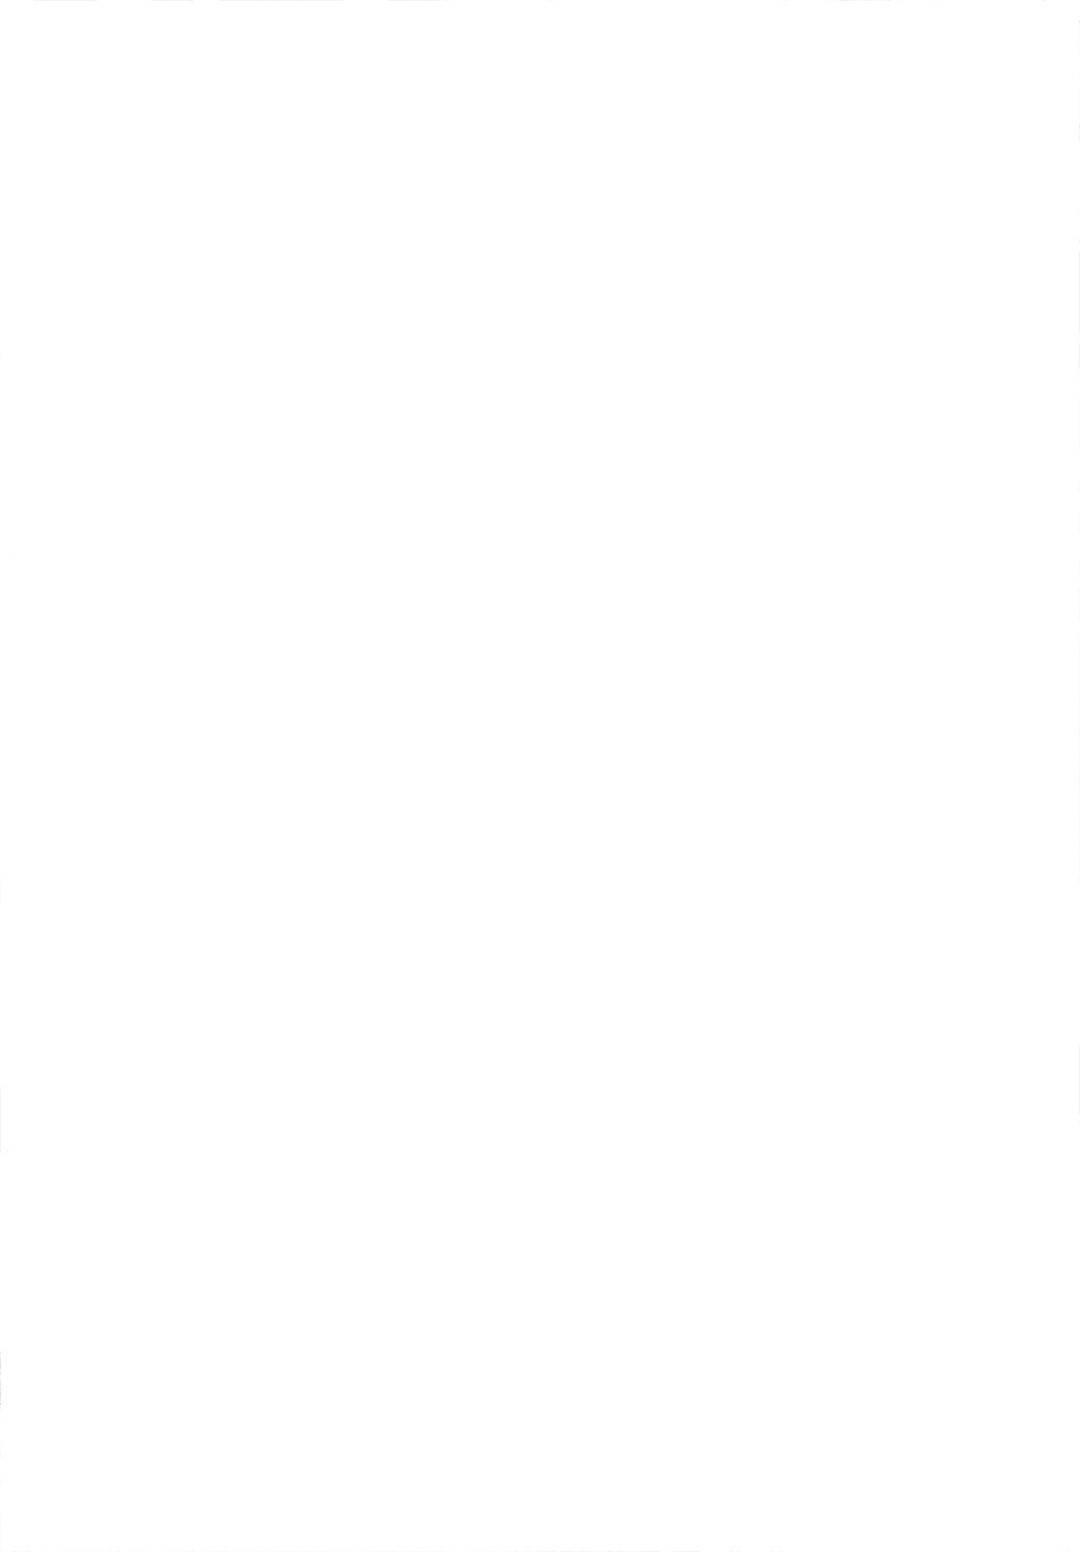 【艦これフルカラーエロ漫画】風邪を引いた提督にパイズリフェラをすると、風邪が移ってしまった奥陸。提督に襲われイチャラブセックスでアクメする【みたくるみ】